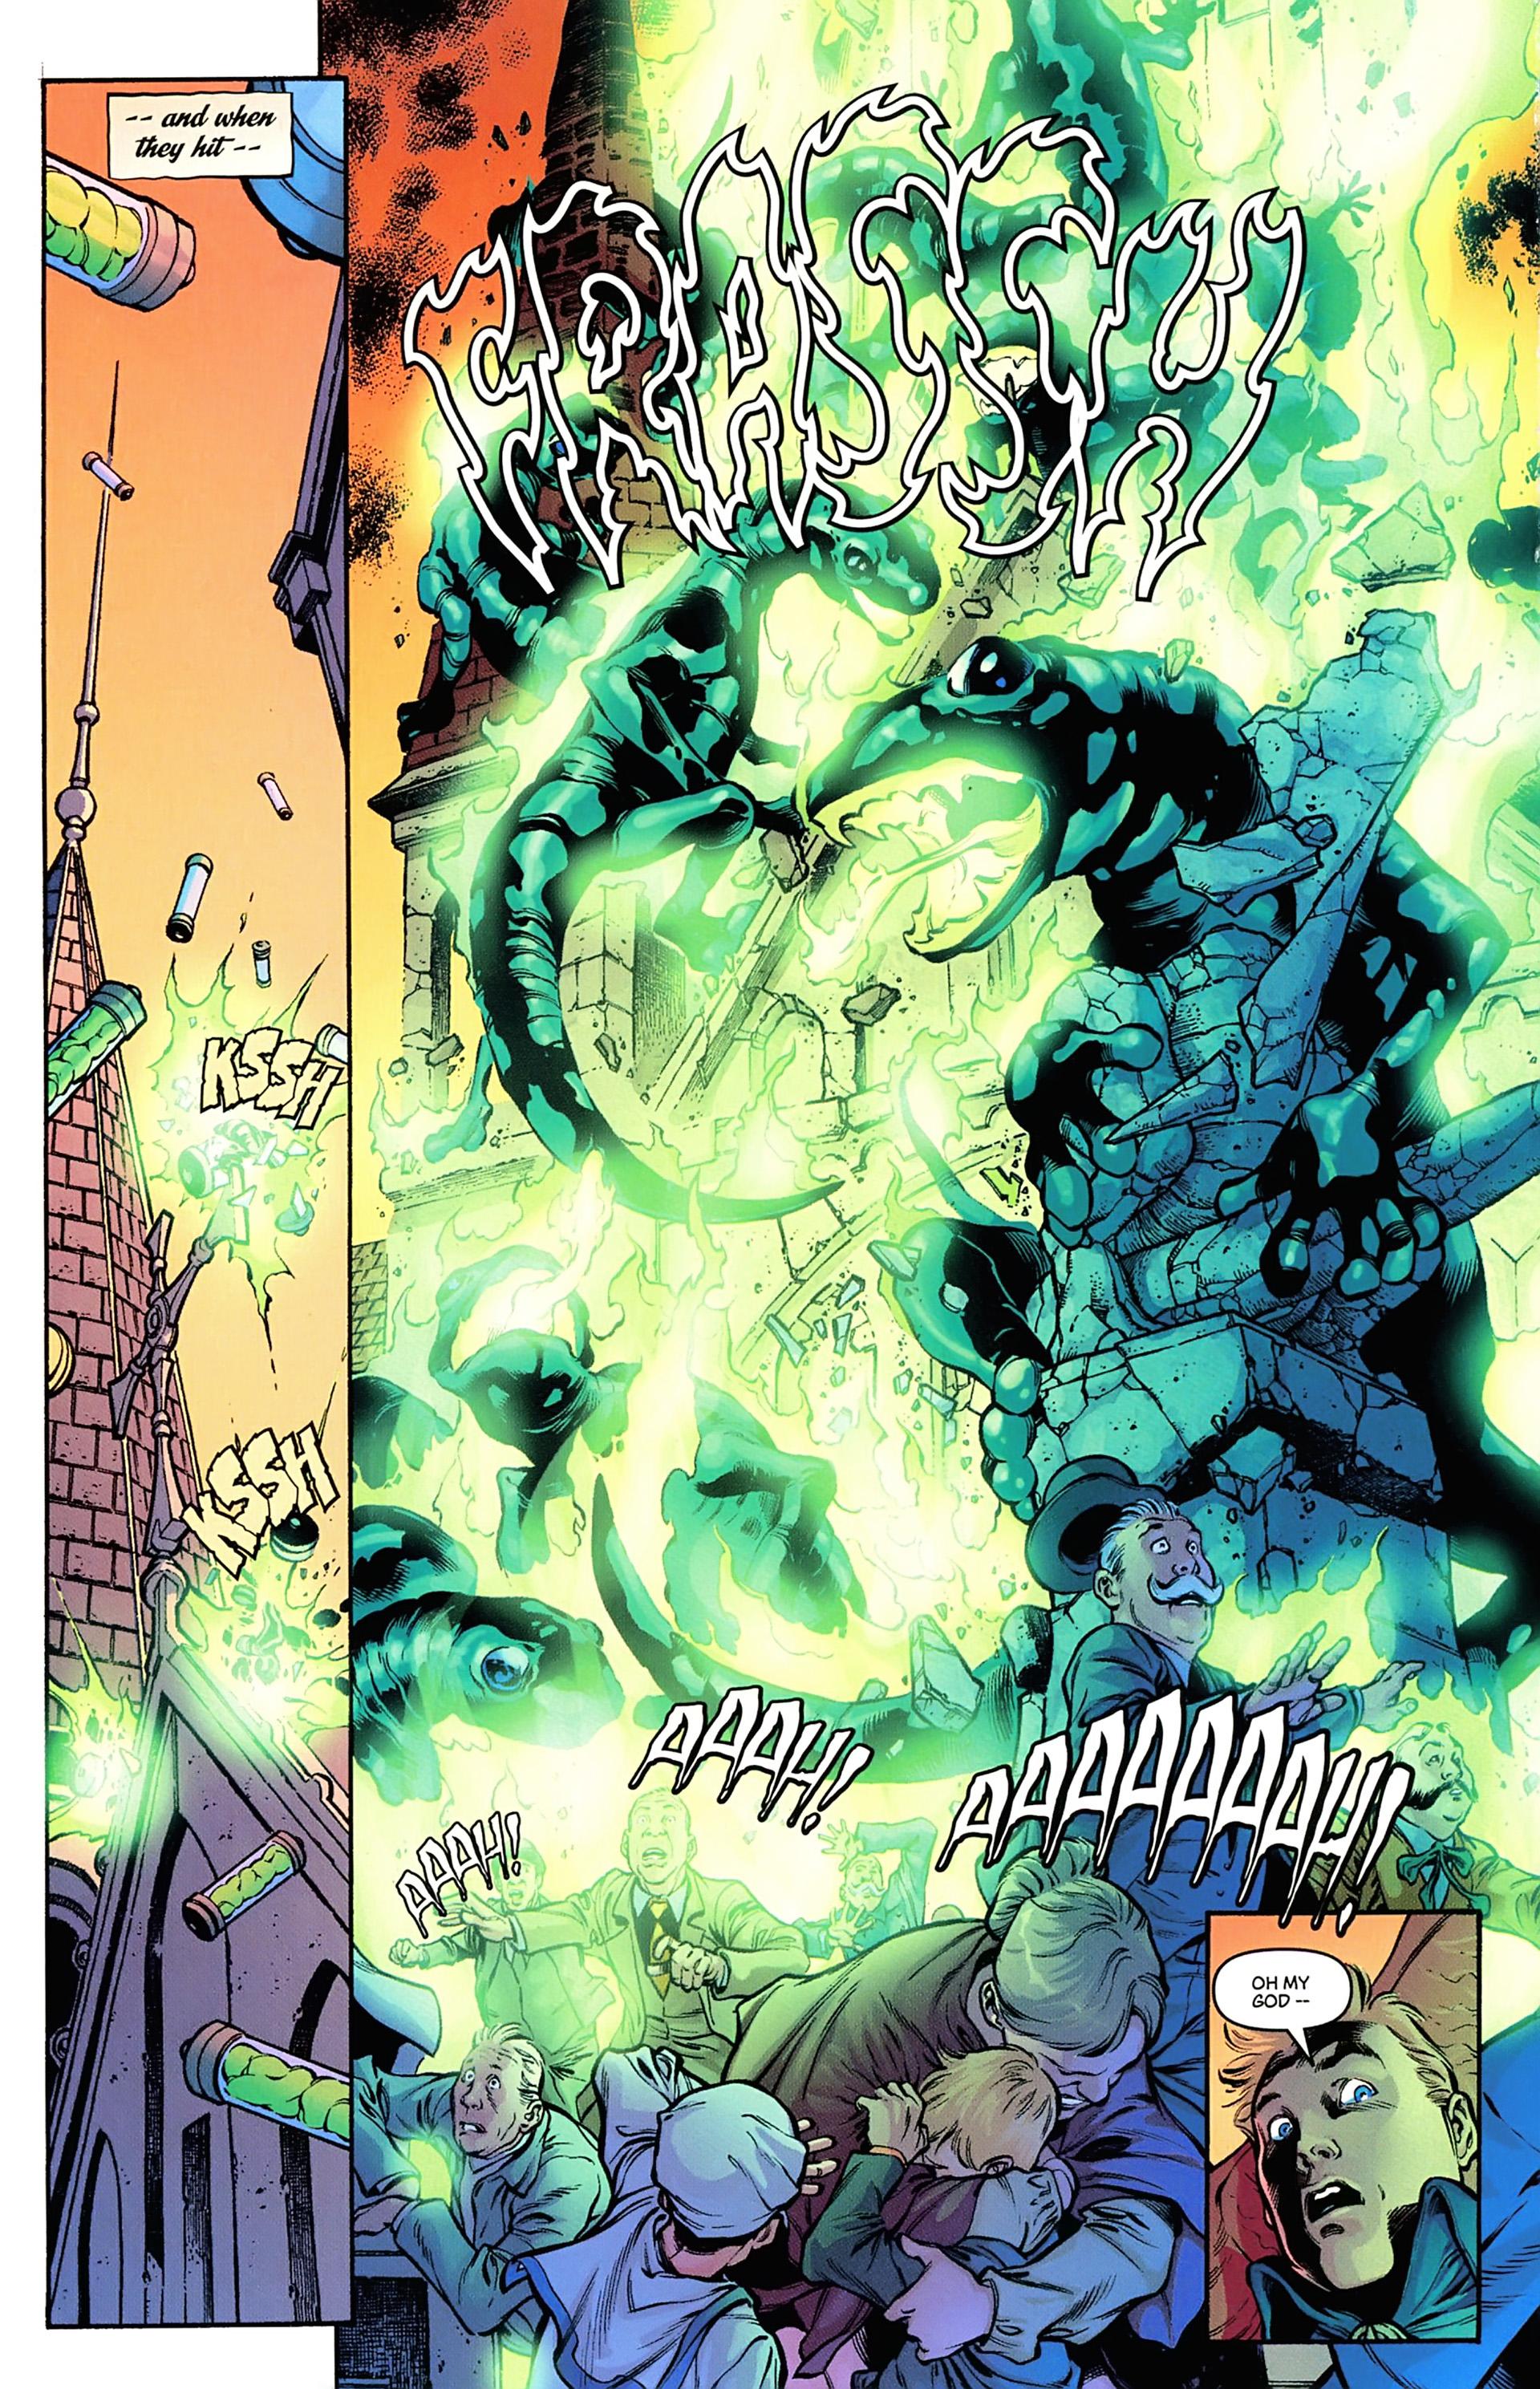 Read online Arrowsmith comic -  Issue #5 - 11